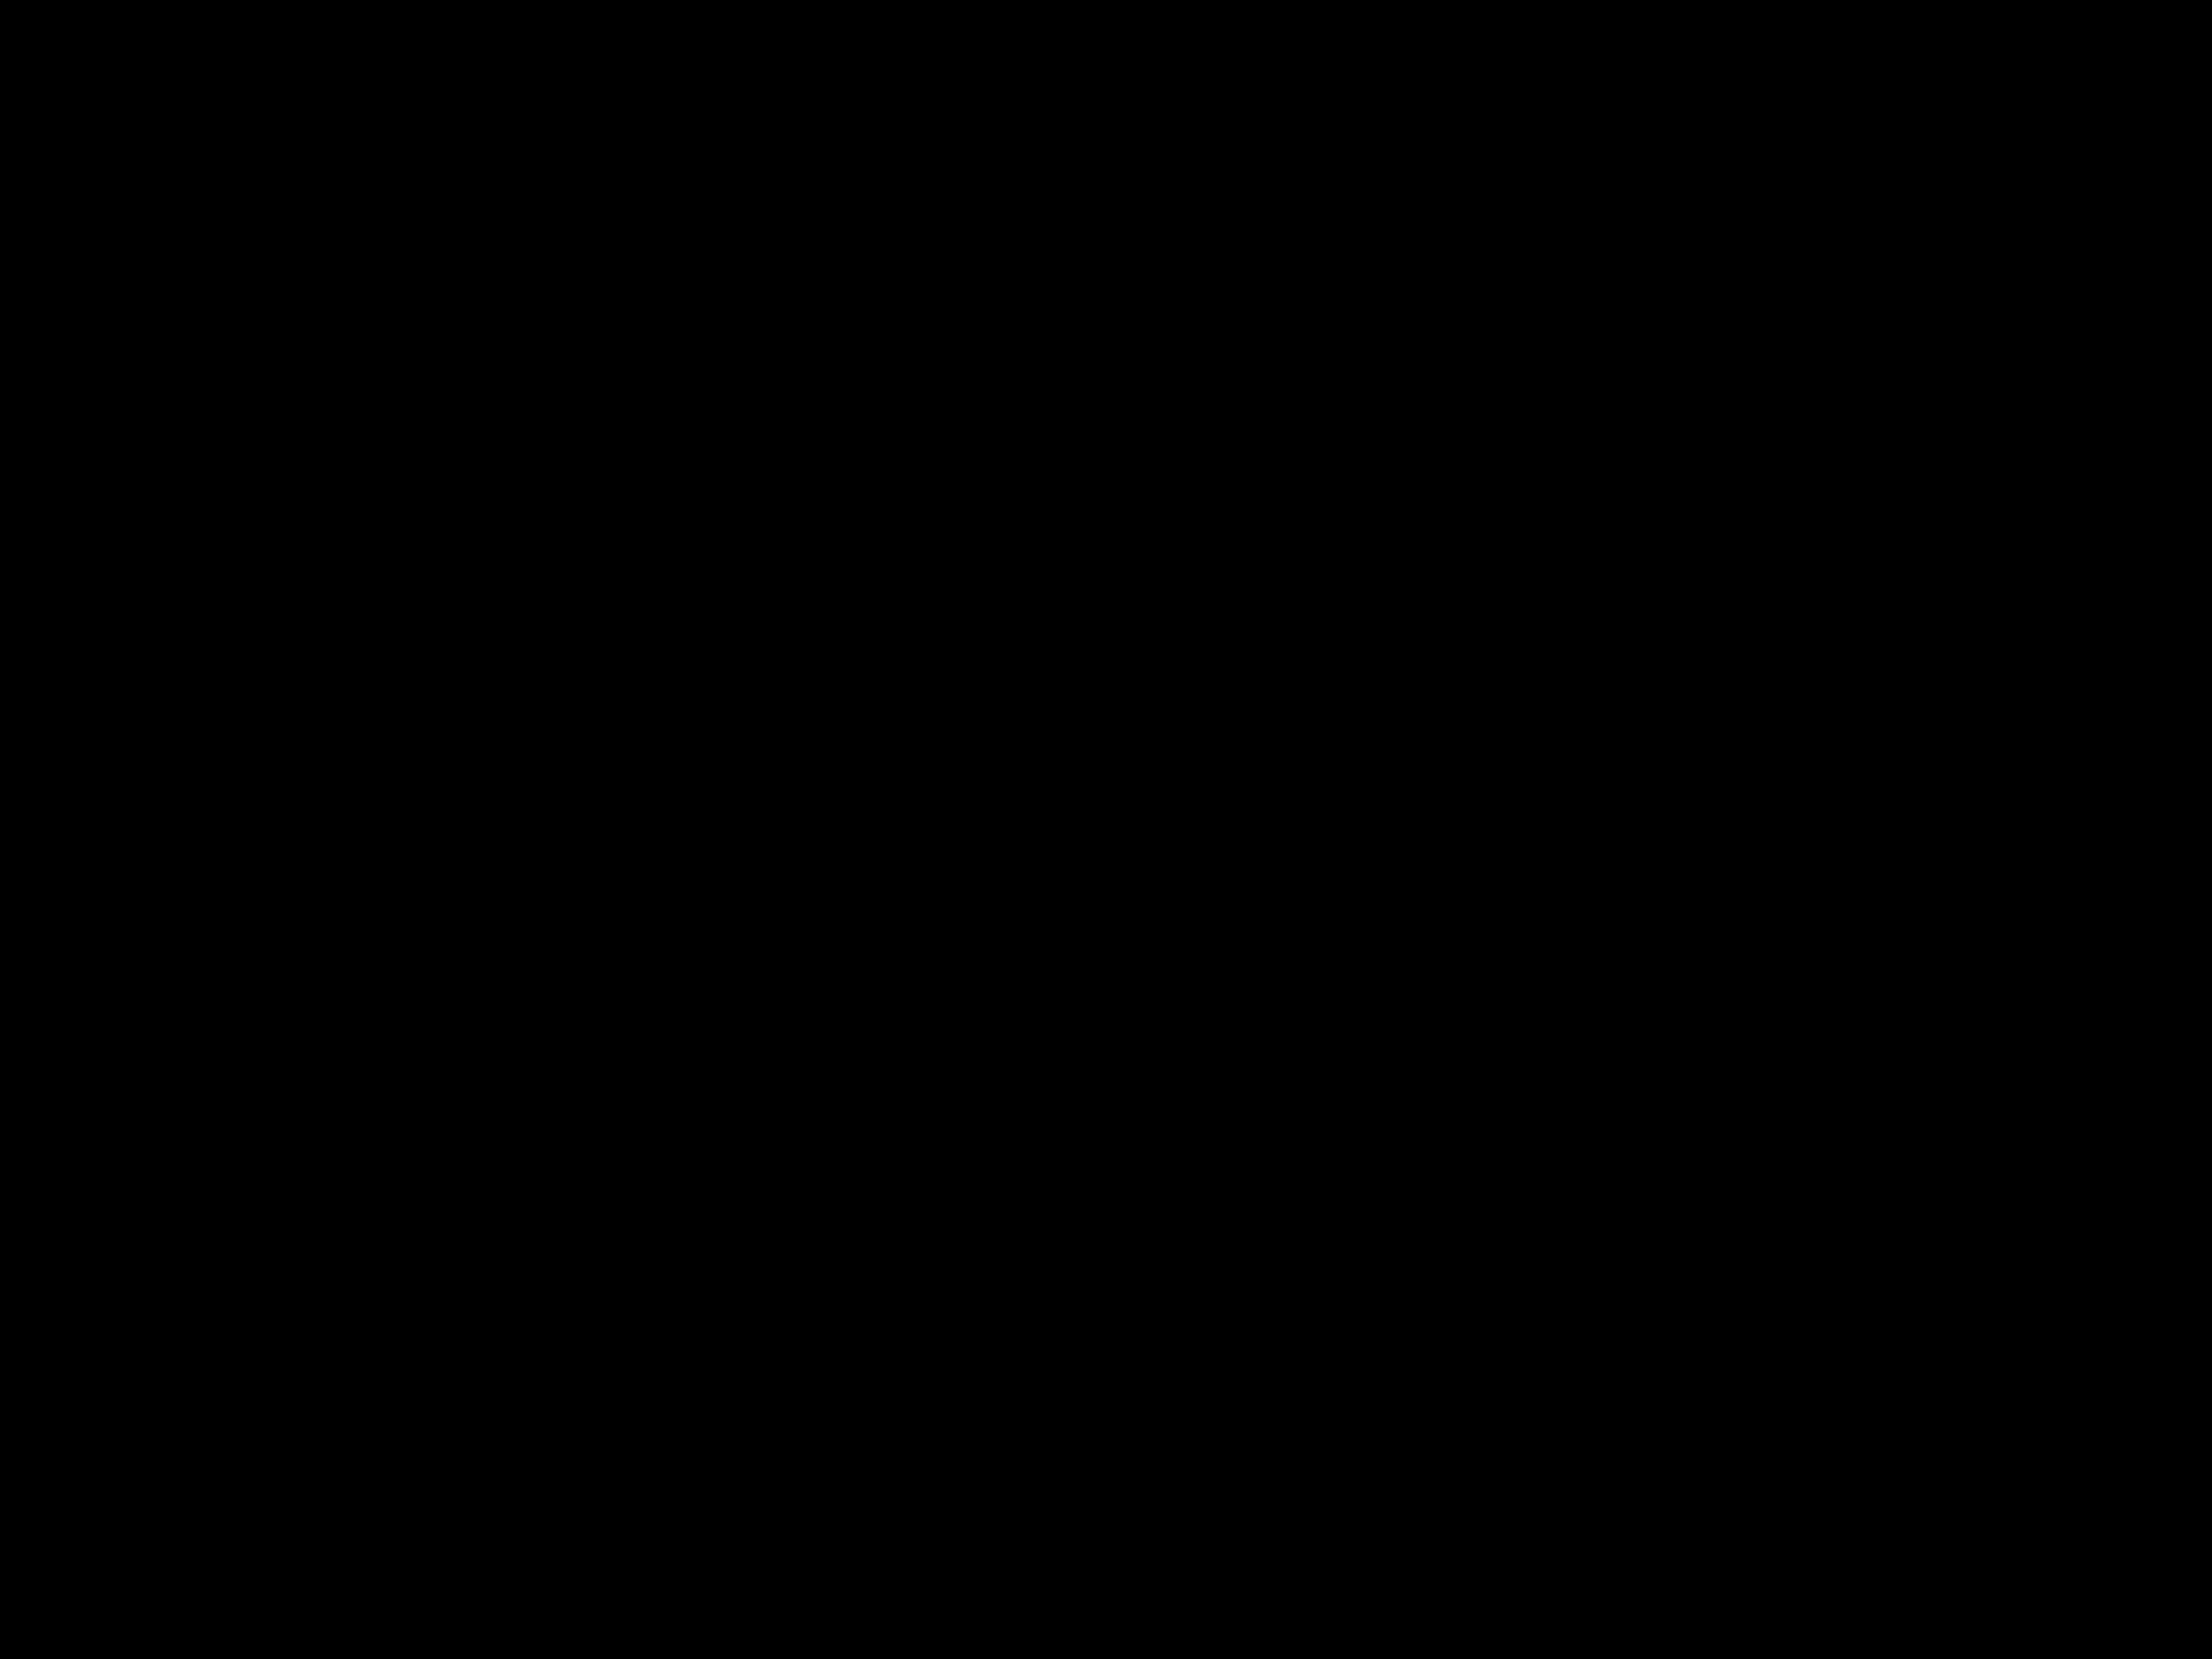 اكس - AXE